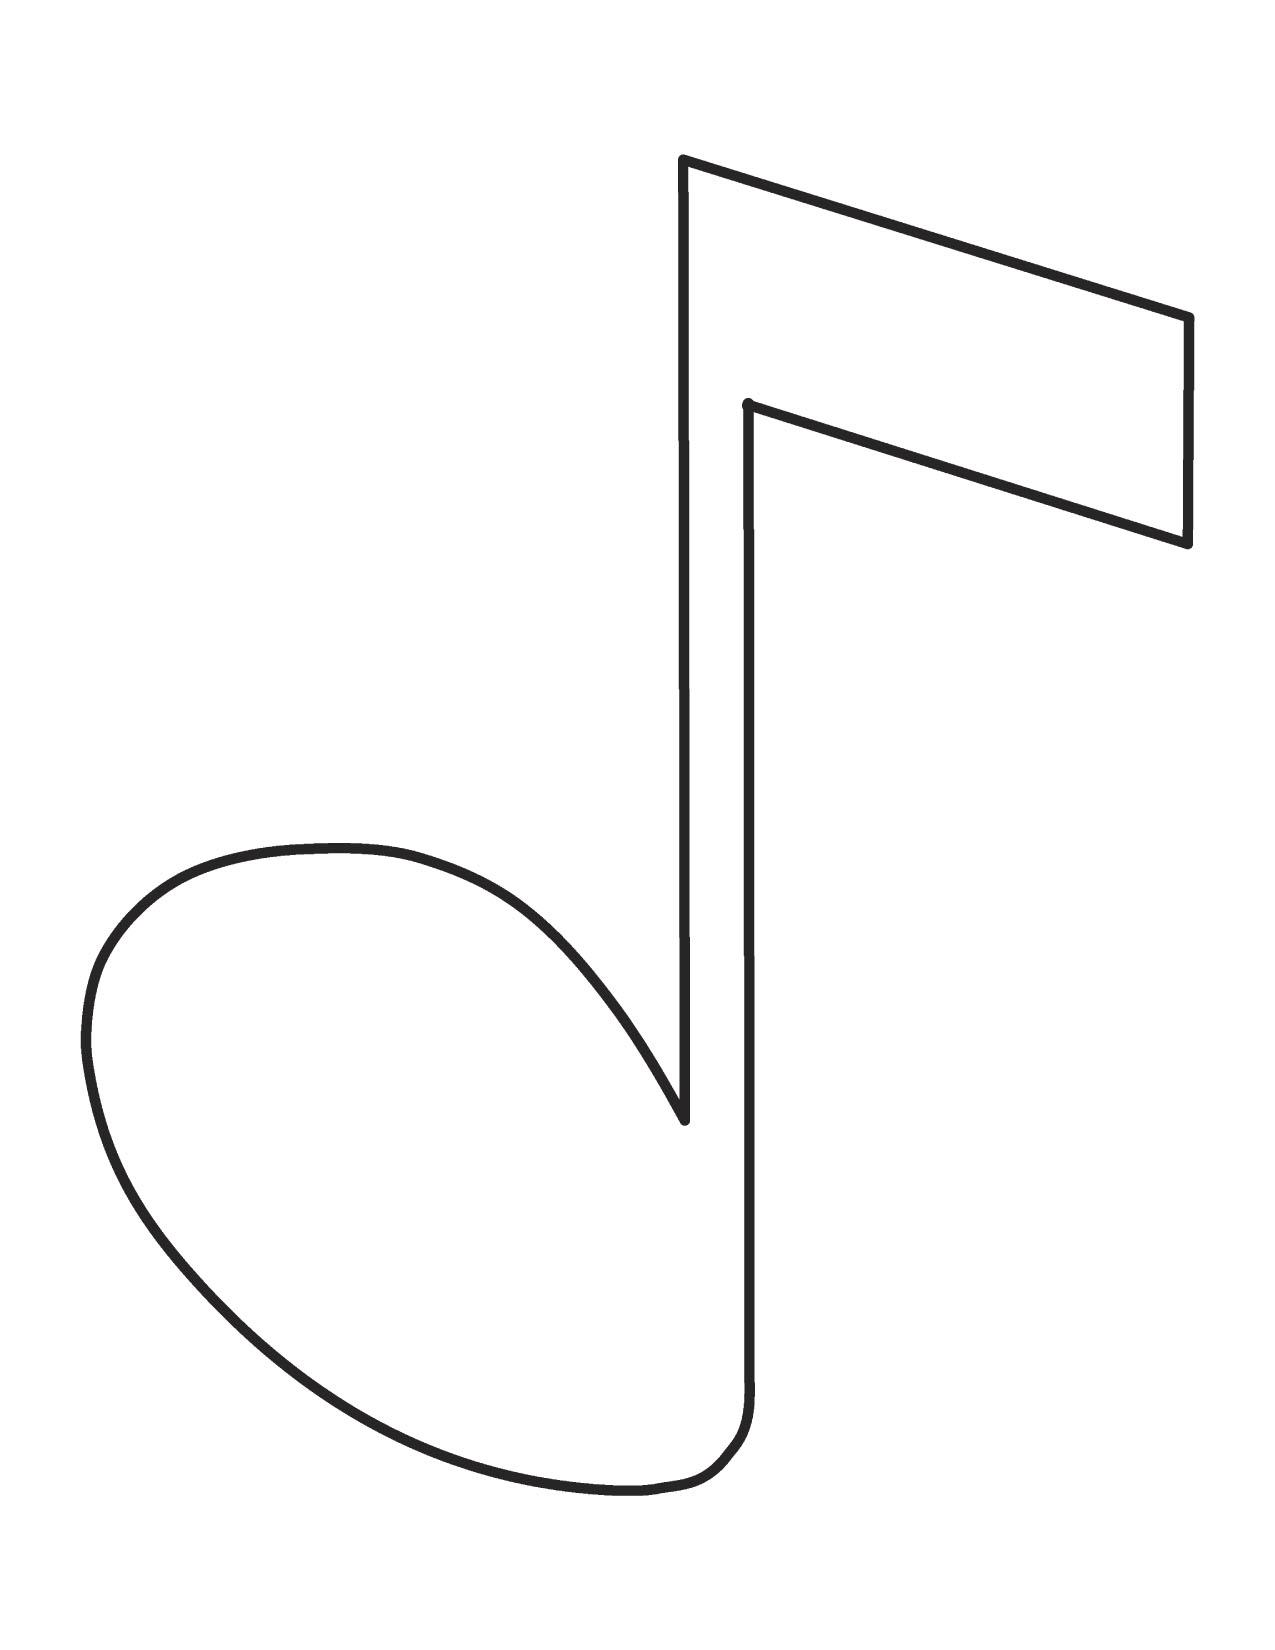 Musical Notes Symbols Clip Art - Cliparts.co